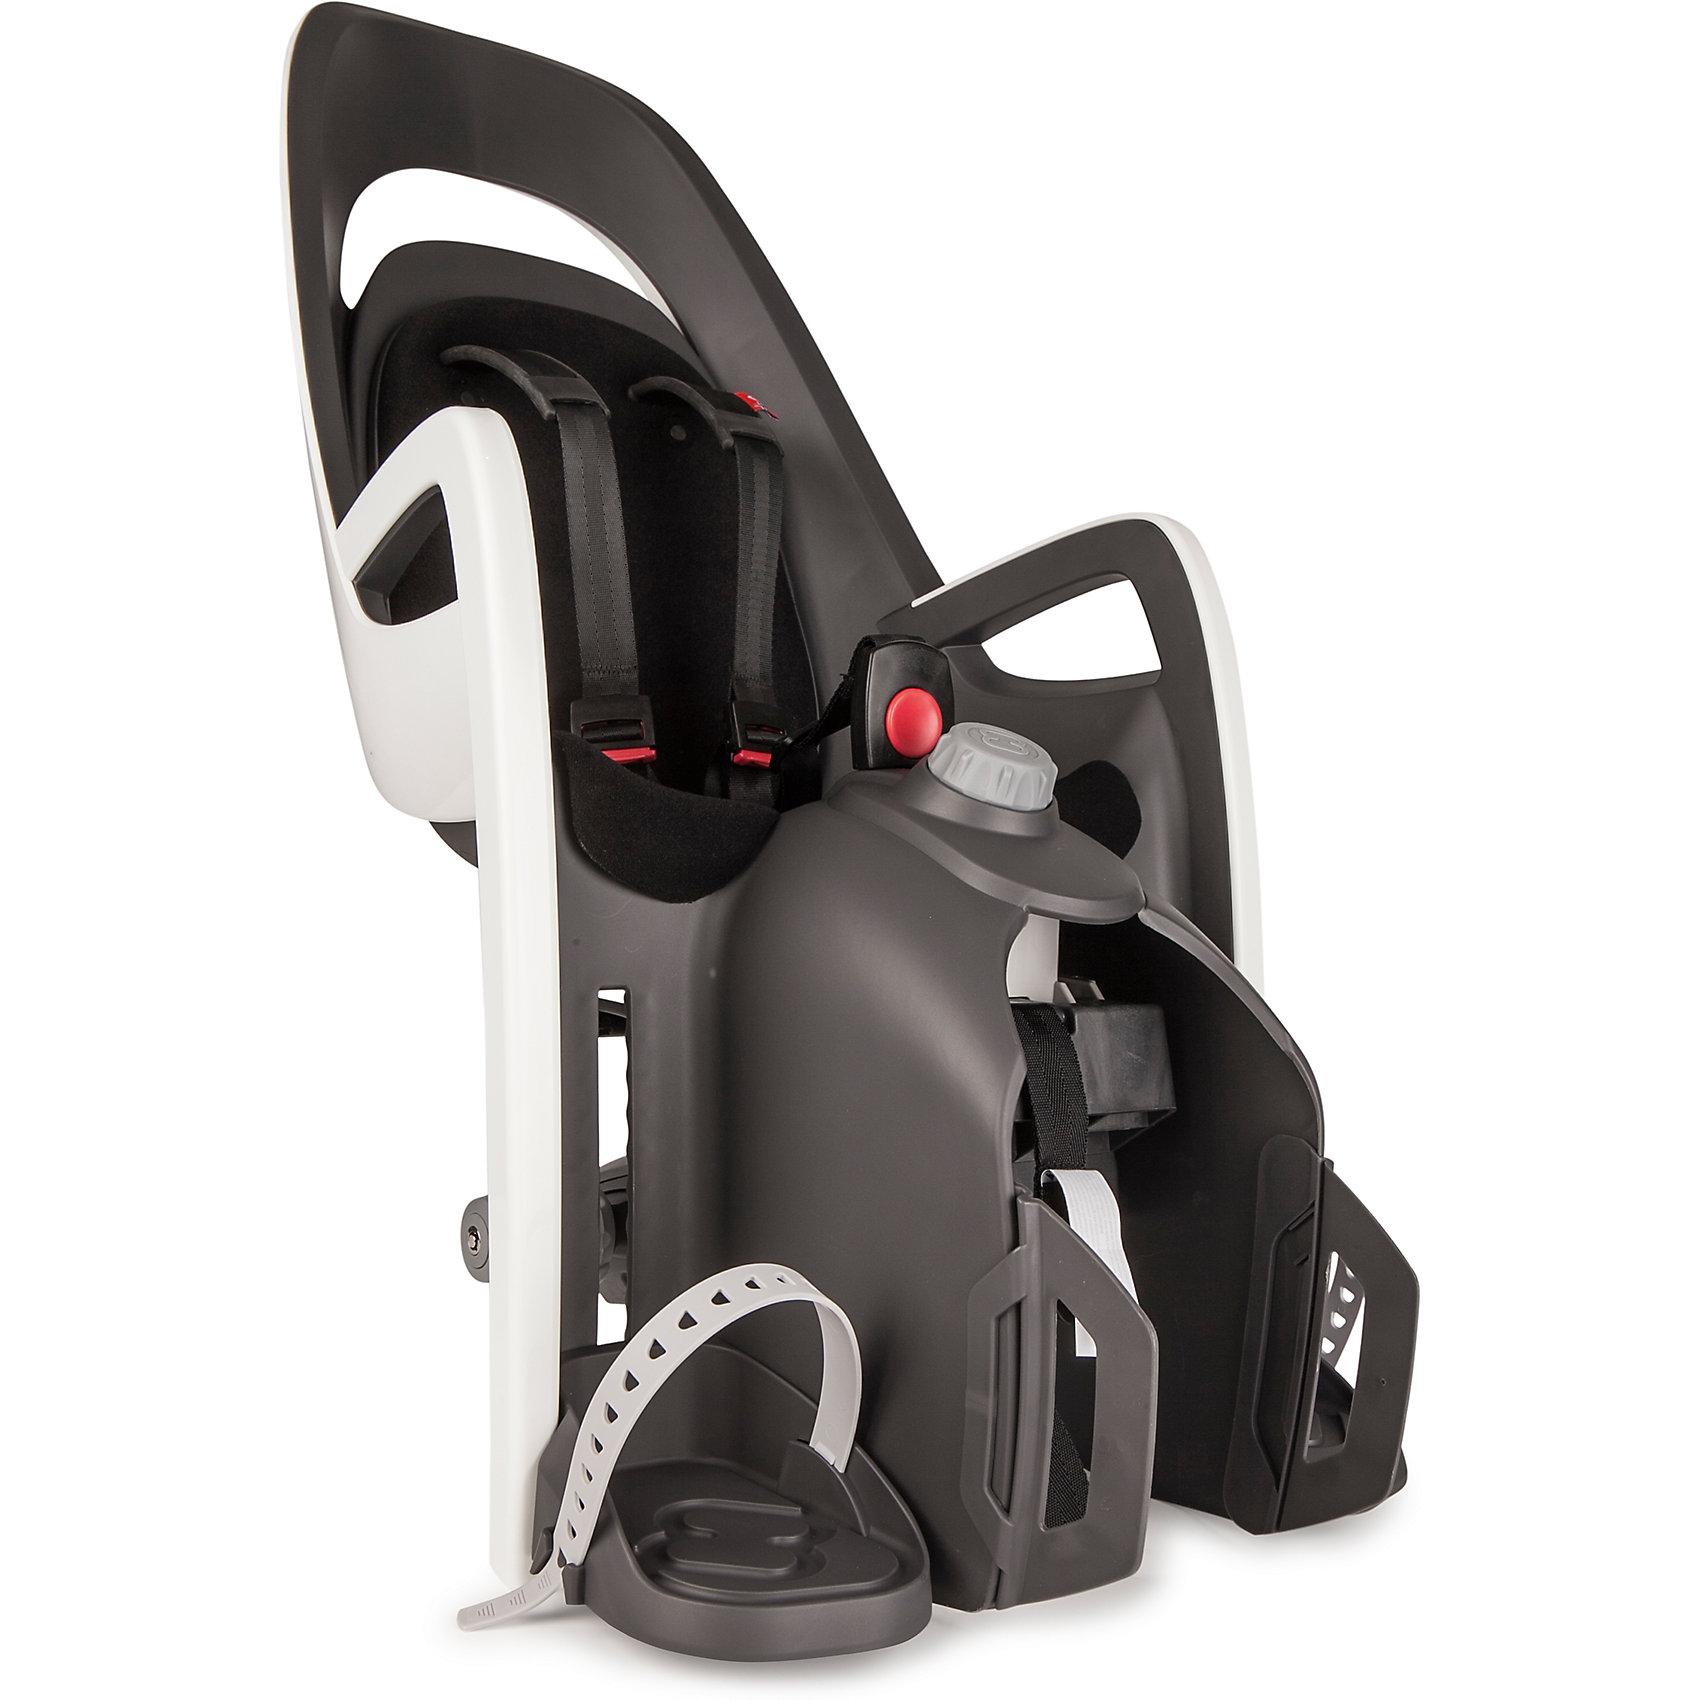 Детское велокресло Caress W/Carrier Adapter, Hamax, серый/белый/черныйАксеcсуары для велосипедов<br>Детское кресло, которое можно установить на велосипед с рамой 28-40мм<br>Адаптер для установки в комплекте<br>Может быть установлен на электровелосипед<br>Вес ребенка: не более 25-30 кг. Рост ребенка: 120-180см<br>Есть положение сон<br>Диаметр труб: 10-20 мм<br>Простой монтаж.<br><br>Ширина мм: 365<br>Глубина мм: 940<br>Высота мм: 280<br>Вес г: 5150<br>Возраст от месяцев: 9<br>Возраст до месяцев: 48<br>Пол: Унисекс<br>Возраст: Детский<br>SKU: 5582619